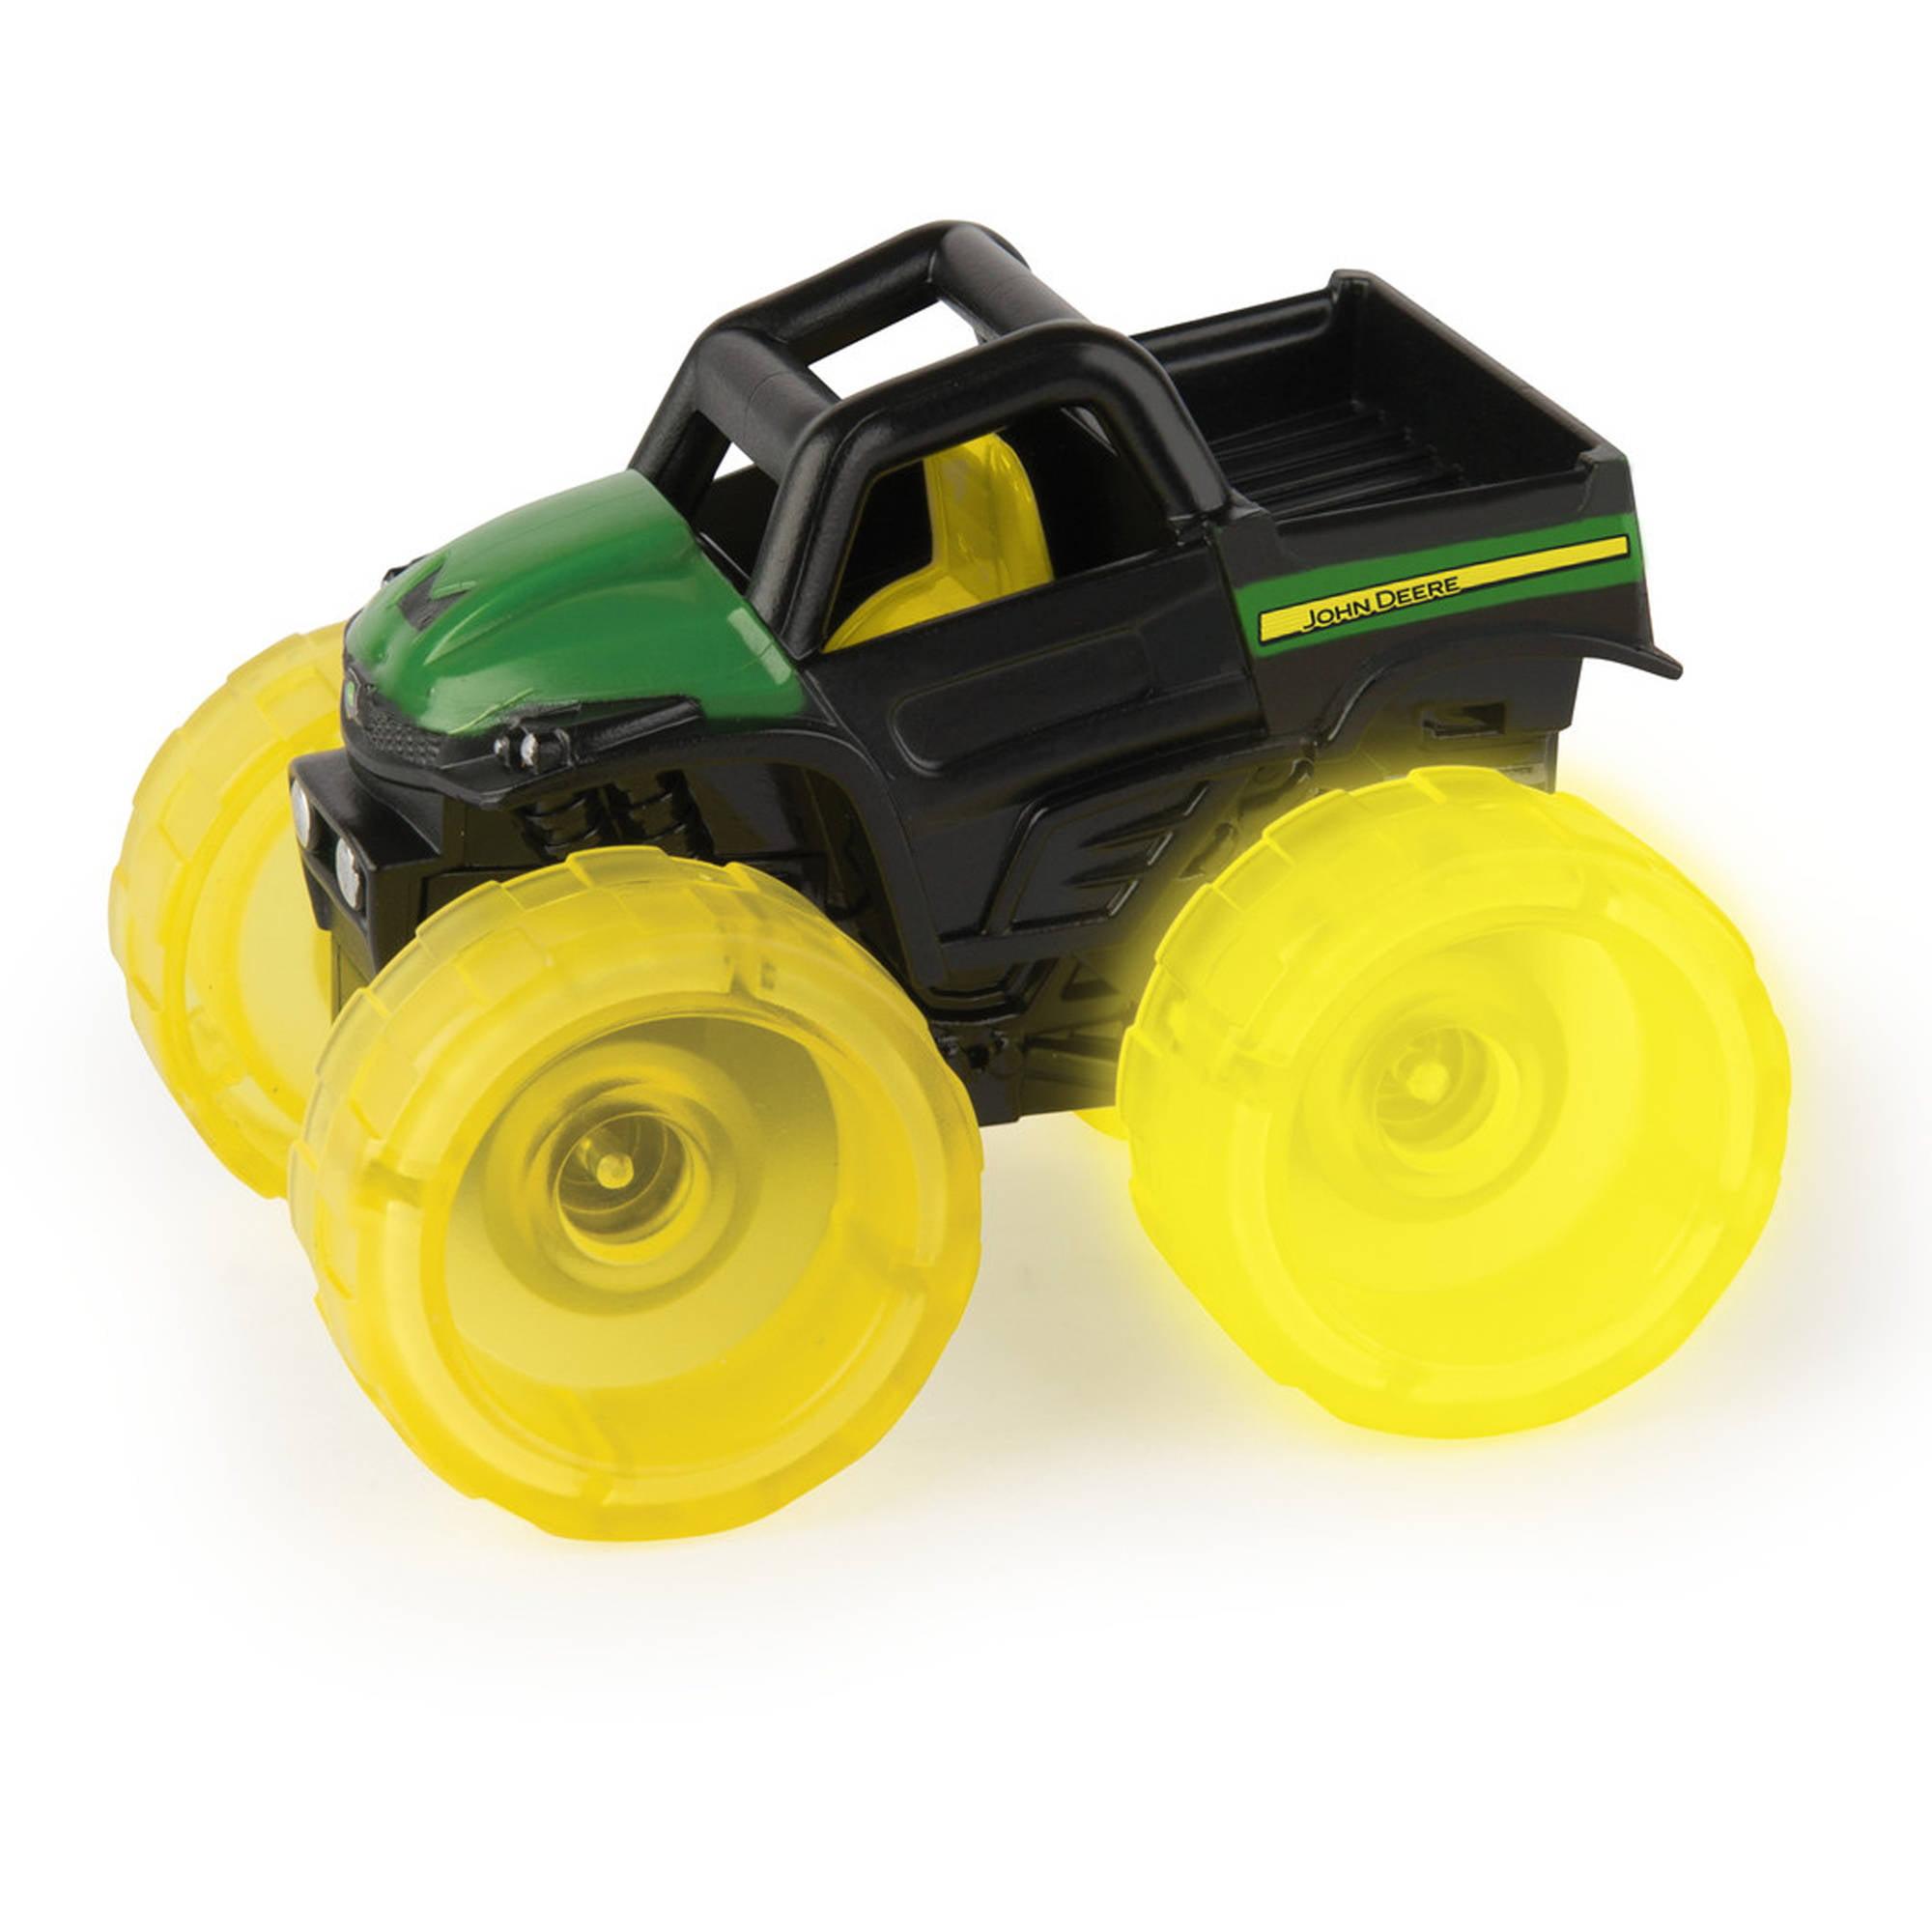 TOMY John Deere Monster Treads Lighting Wheels, Gator